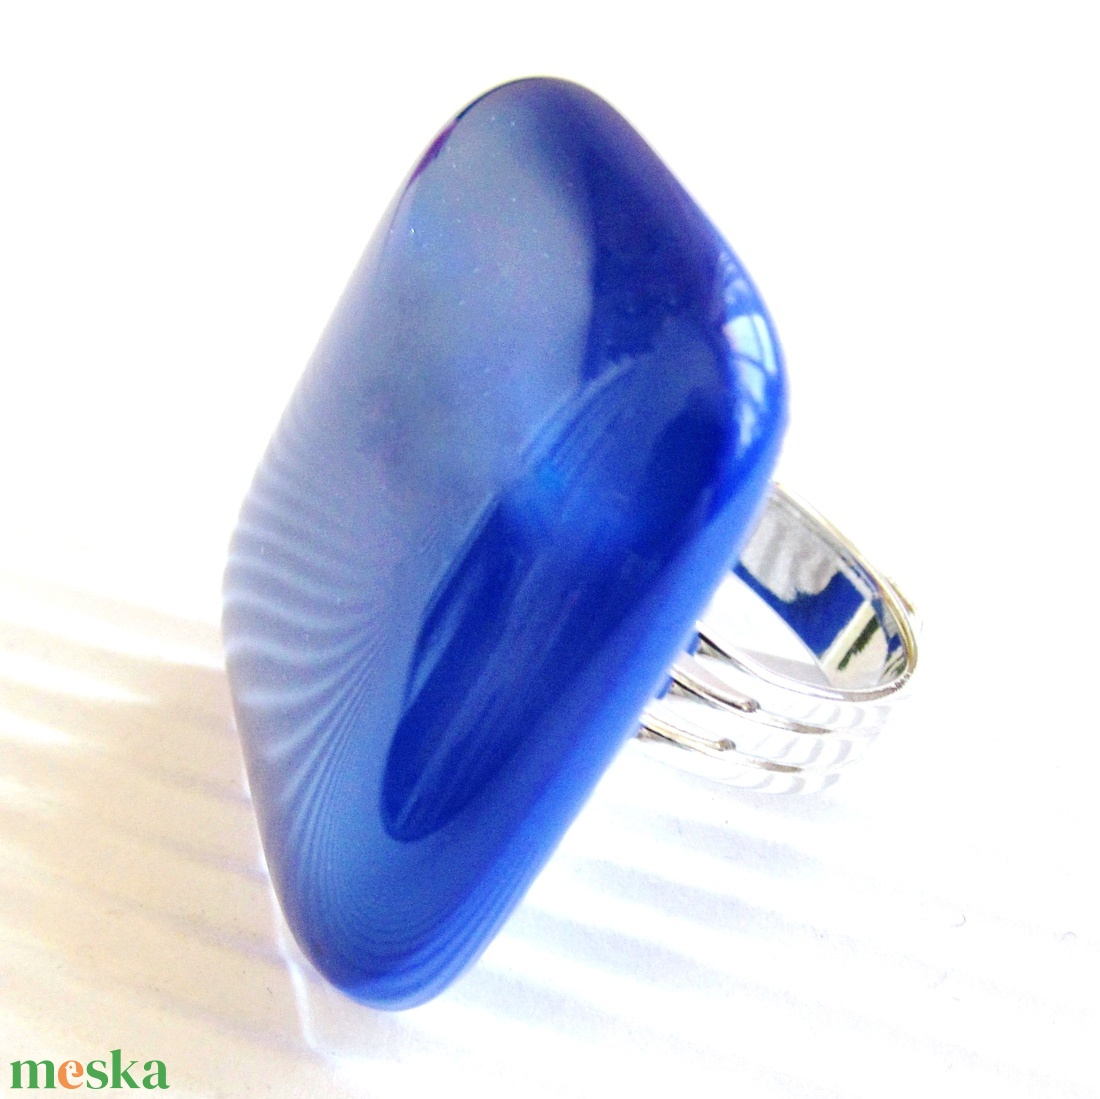 Királykék üveg maxi gyűrű, üvegékszer - ékszer - gyűrű - statement gyűrű - Meska.hu